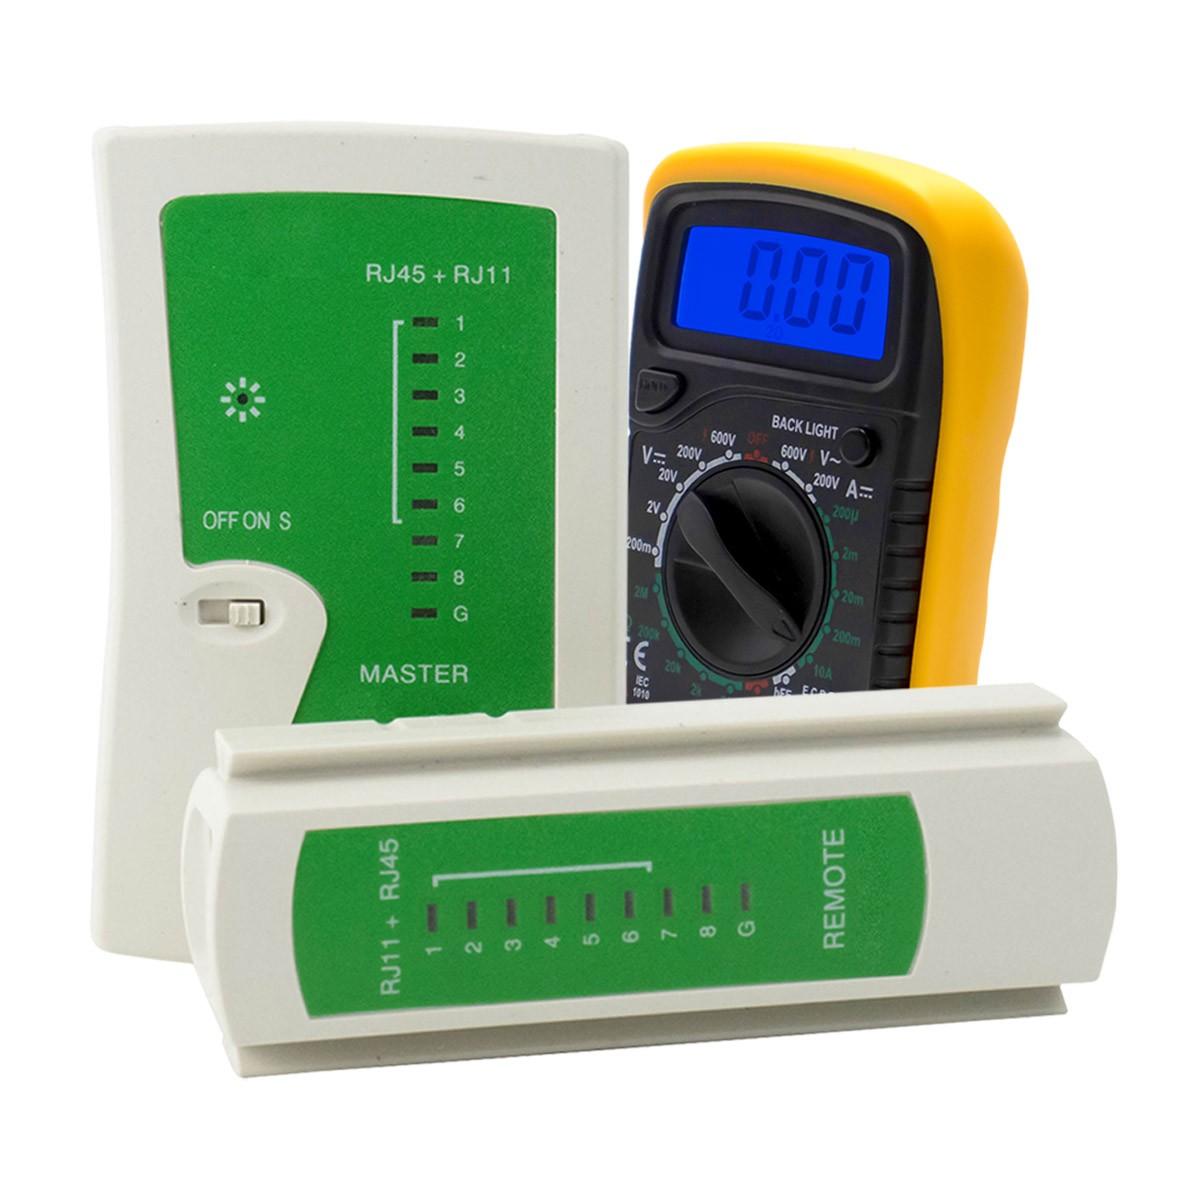 KIT Multímetro Digital MD-200L + Testador de Cabo RJ45 e RJ11